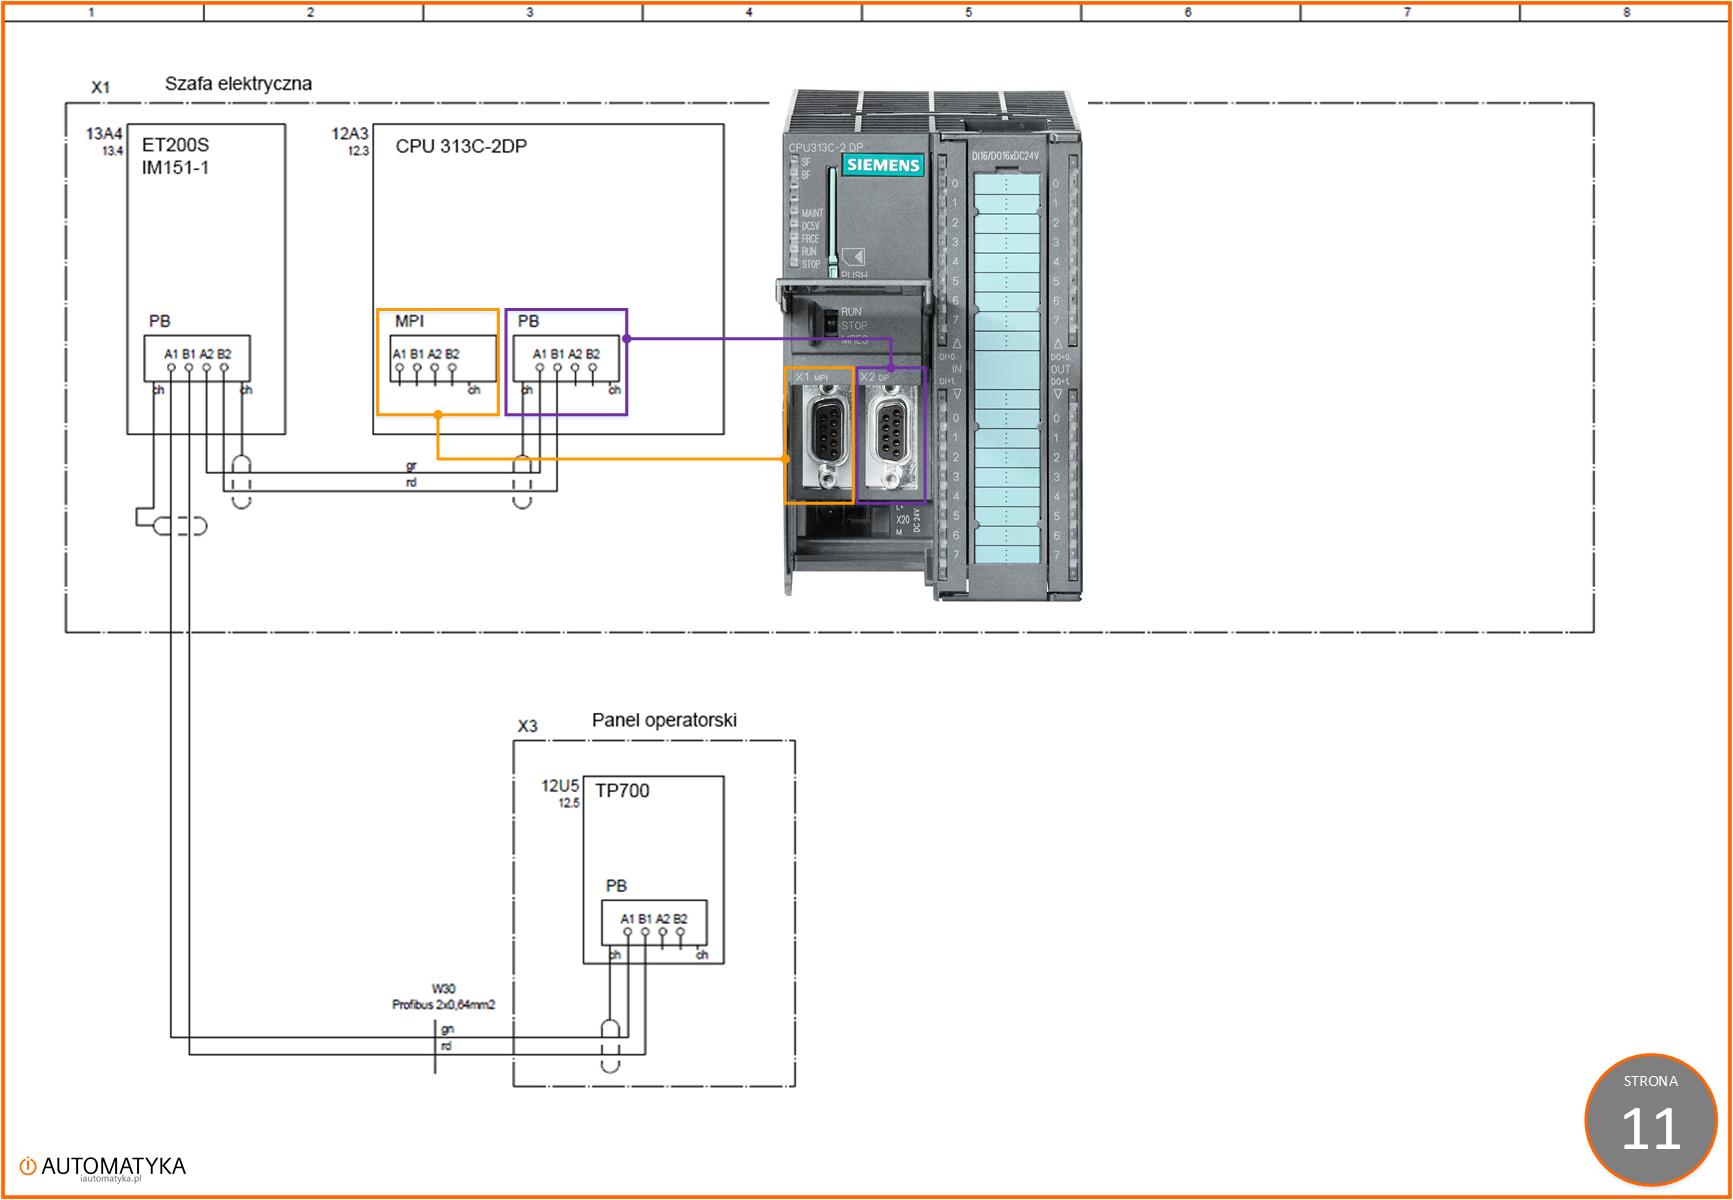 Strona 11 - Sterownik PLC 313C-2DP na schemacie elektrycznym automatyki - komunikacja